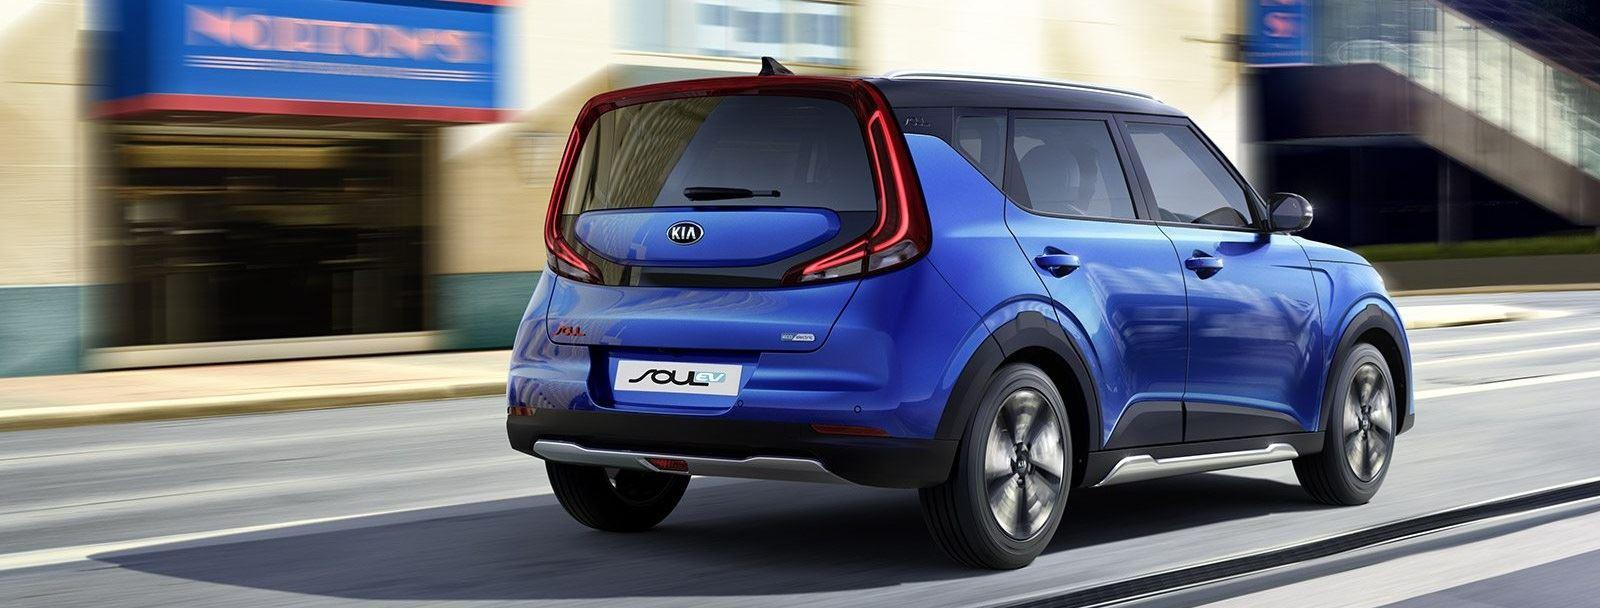 All-New Kia Soul EV